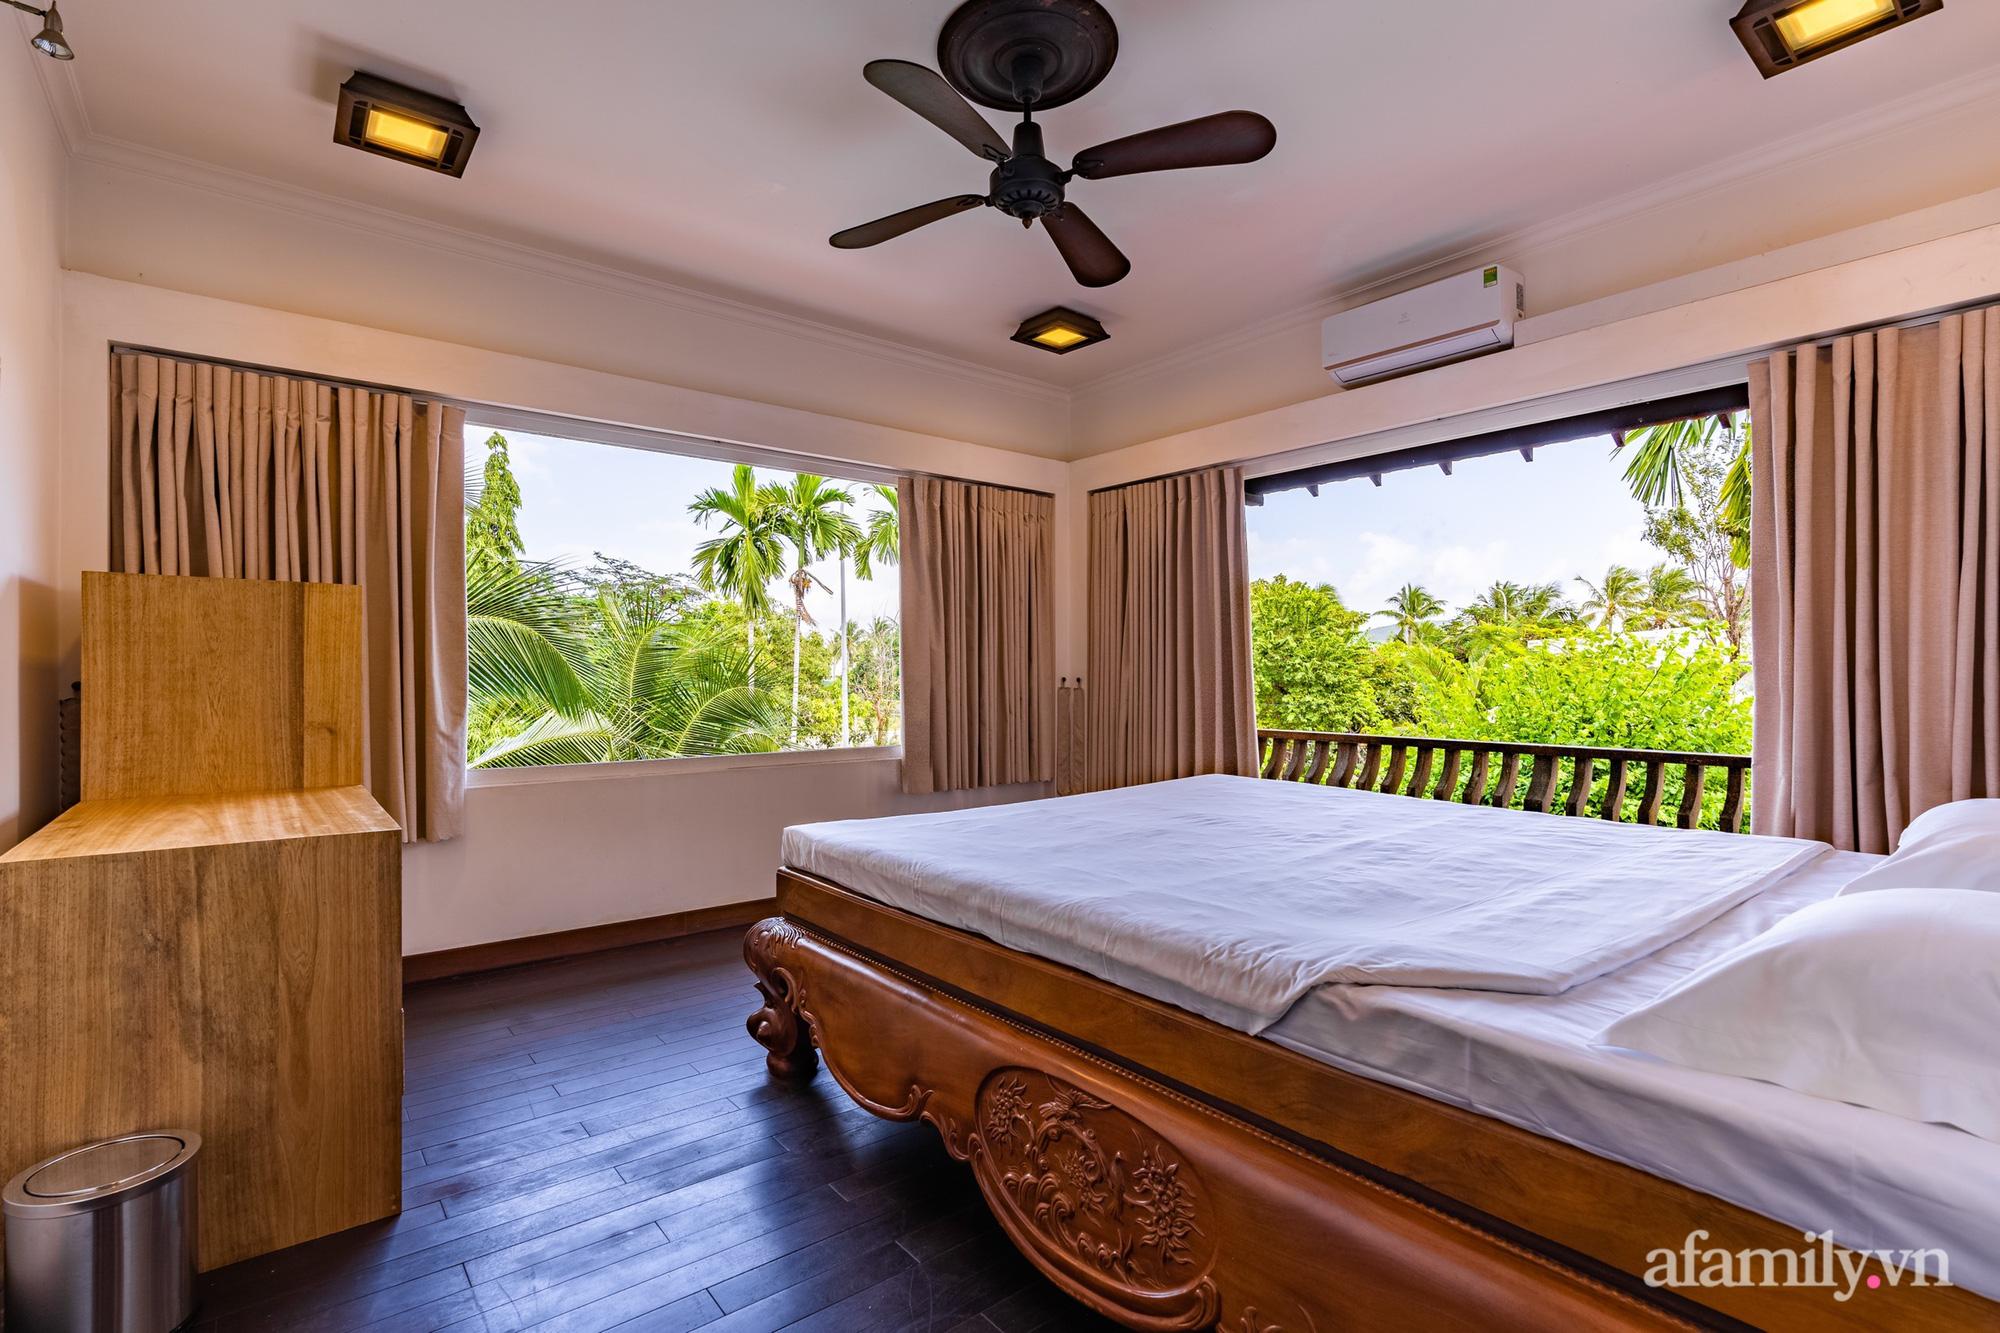 Căn nhà vườn xây 10 năm vẫn đẹp hút mắt với nội thất gỗ và cây xanh quanh nhà ở Nha Trang-17